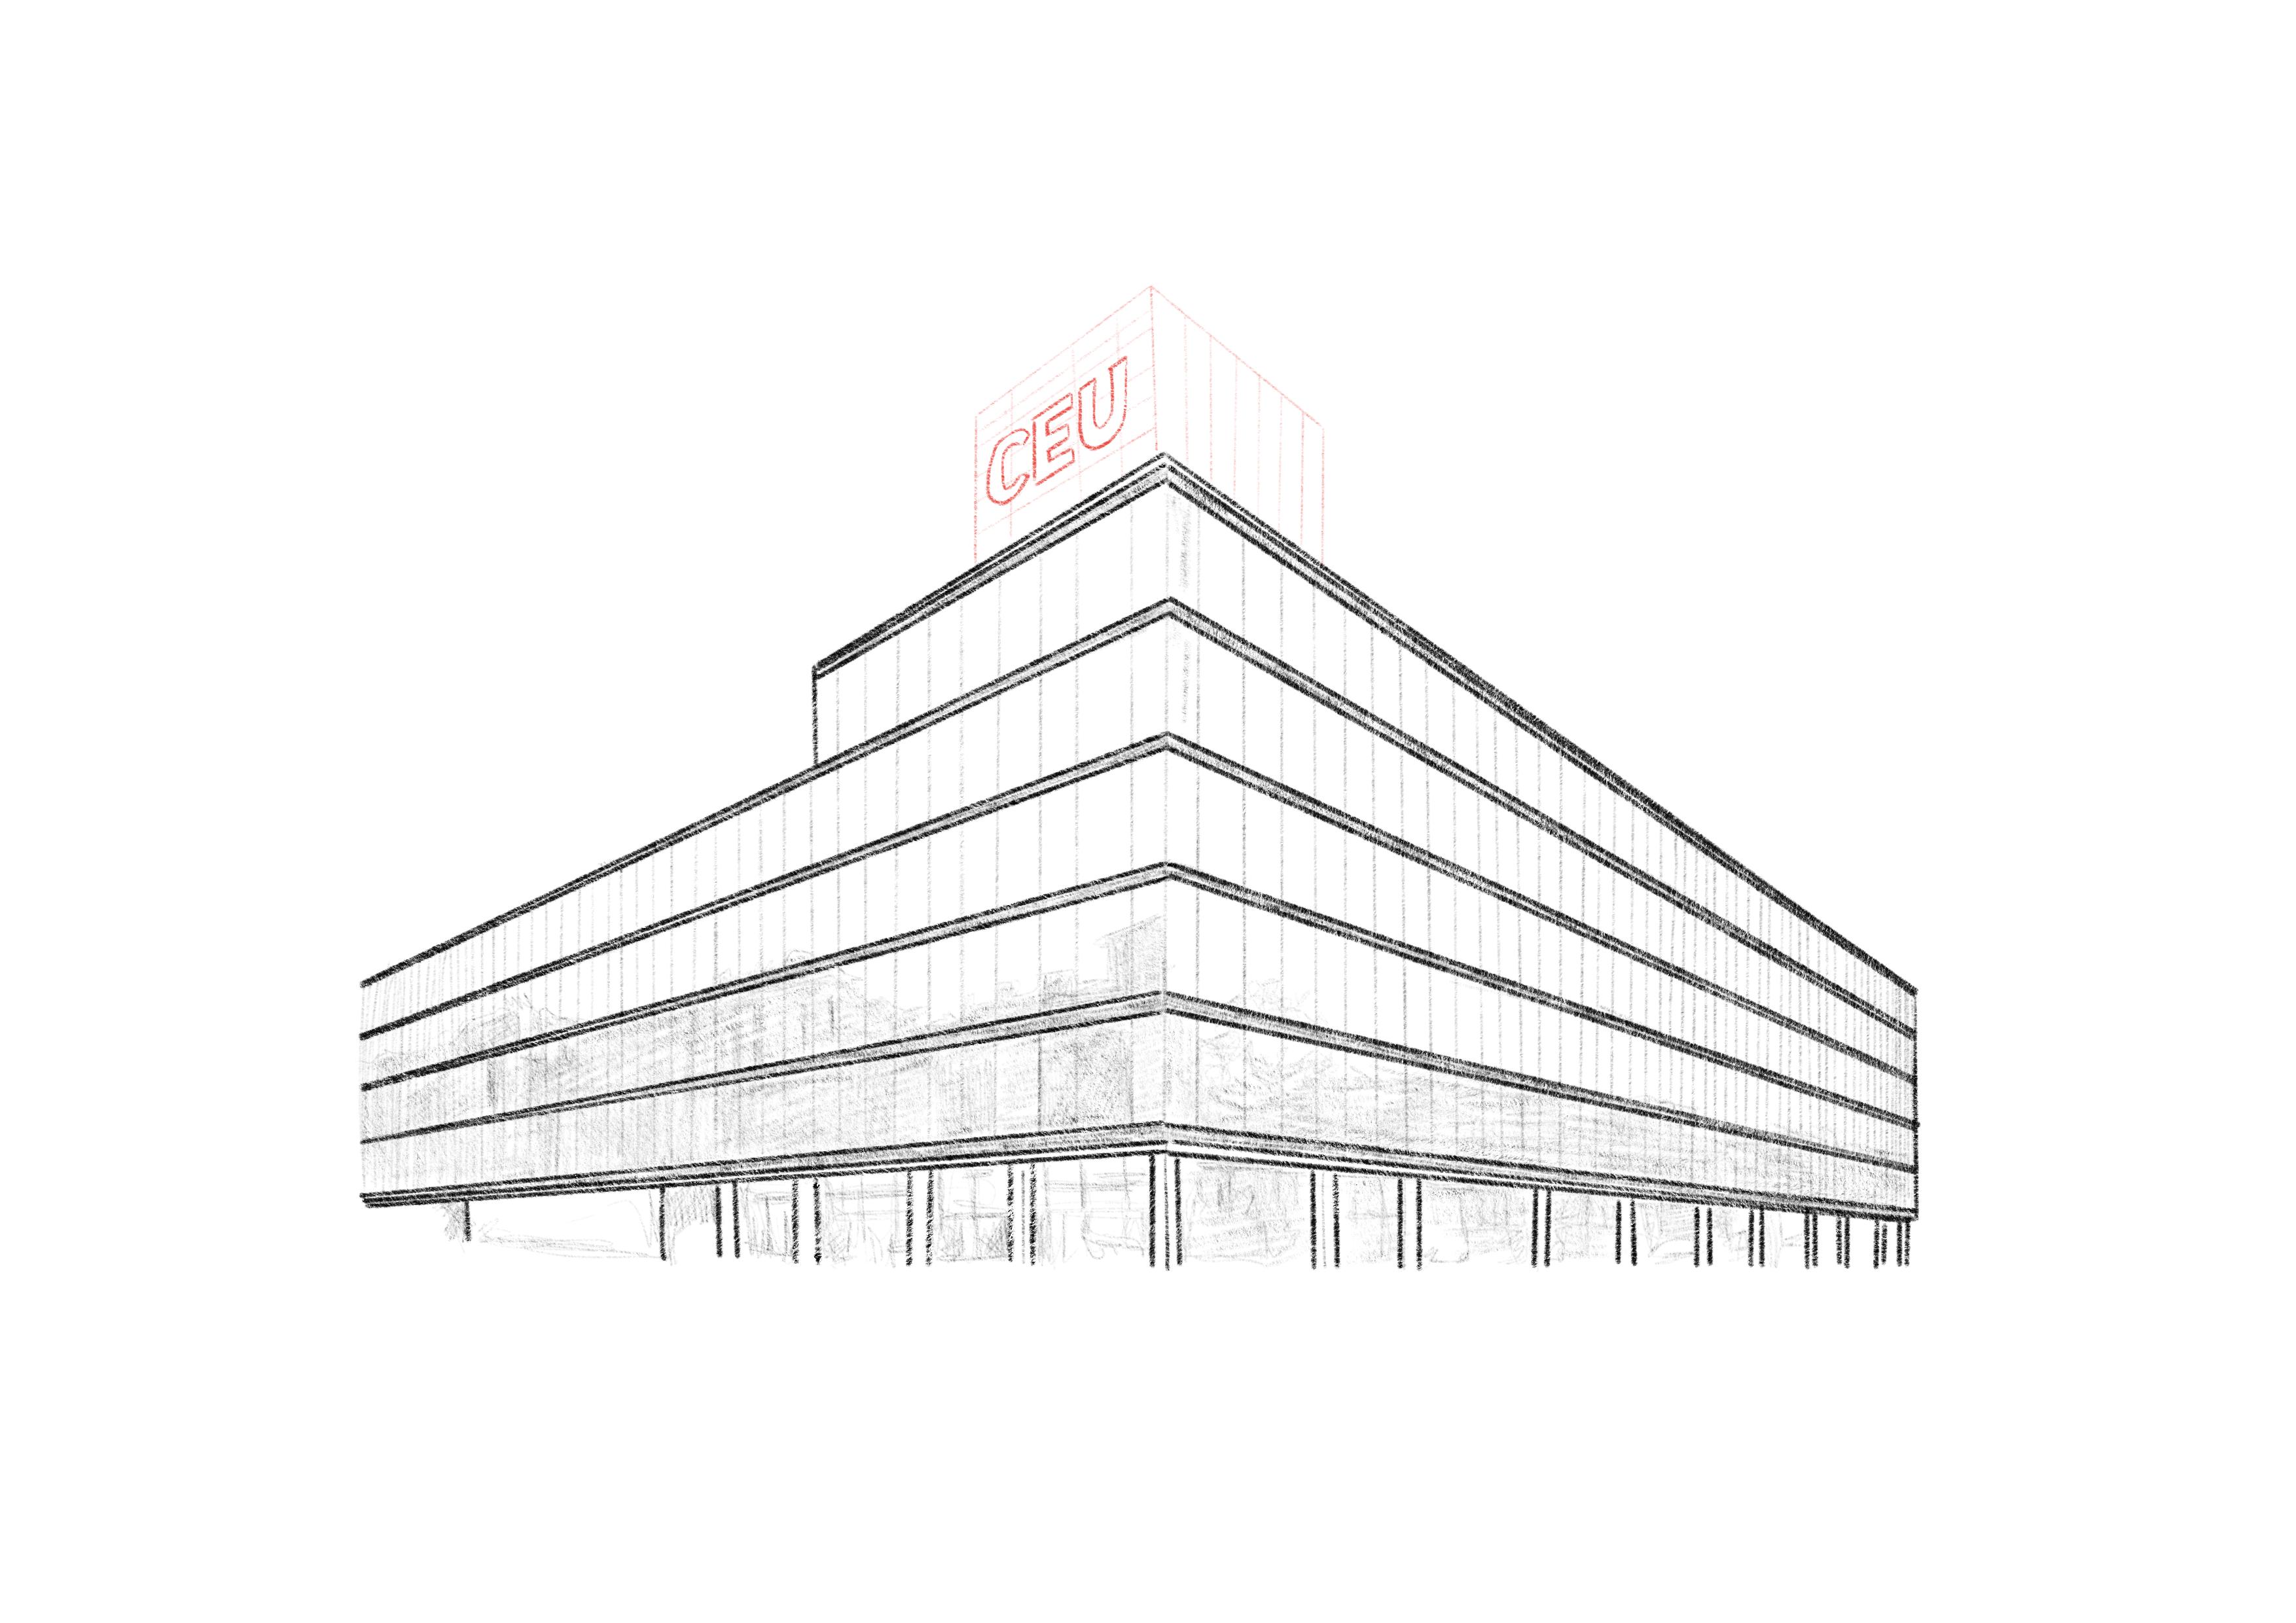 das neue Gebäude der CEU in Wien-Favoriten